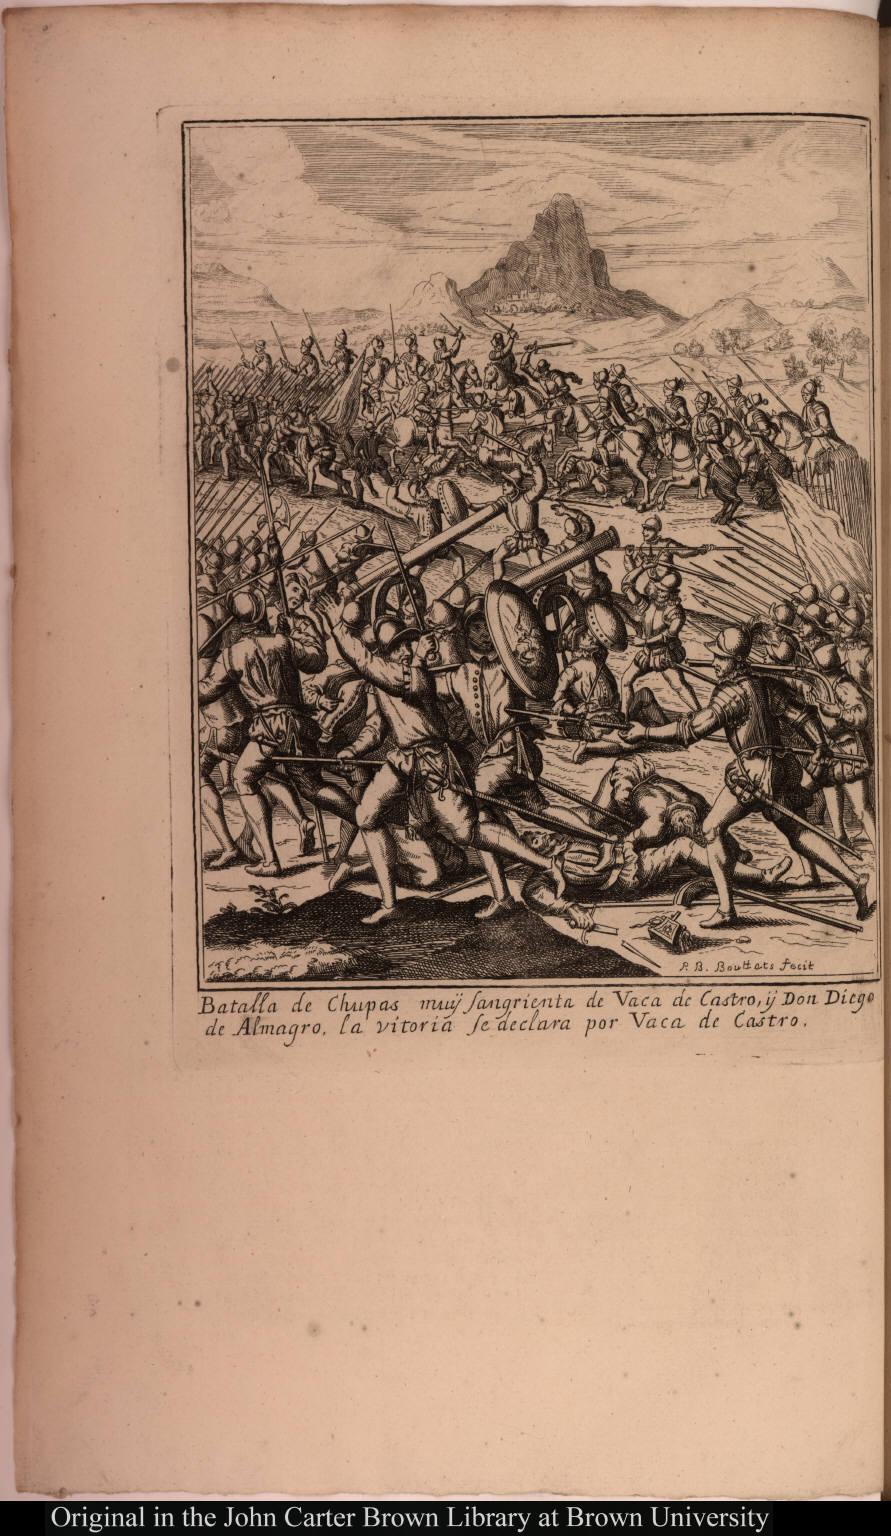 Batalla de Chupas muÿ sangrienta de Vaca de Castro, ÿ Don Diego de Almagro, la vitoria se declara por Vaca de Castro.